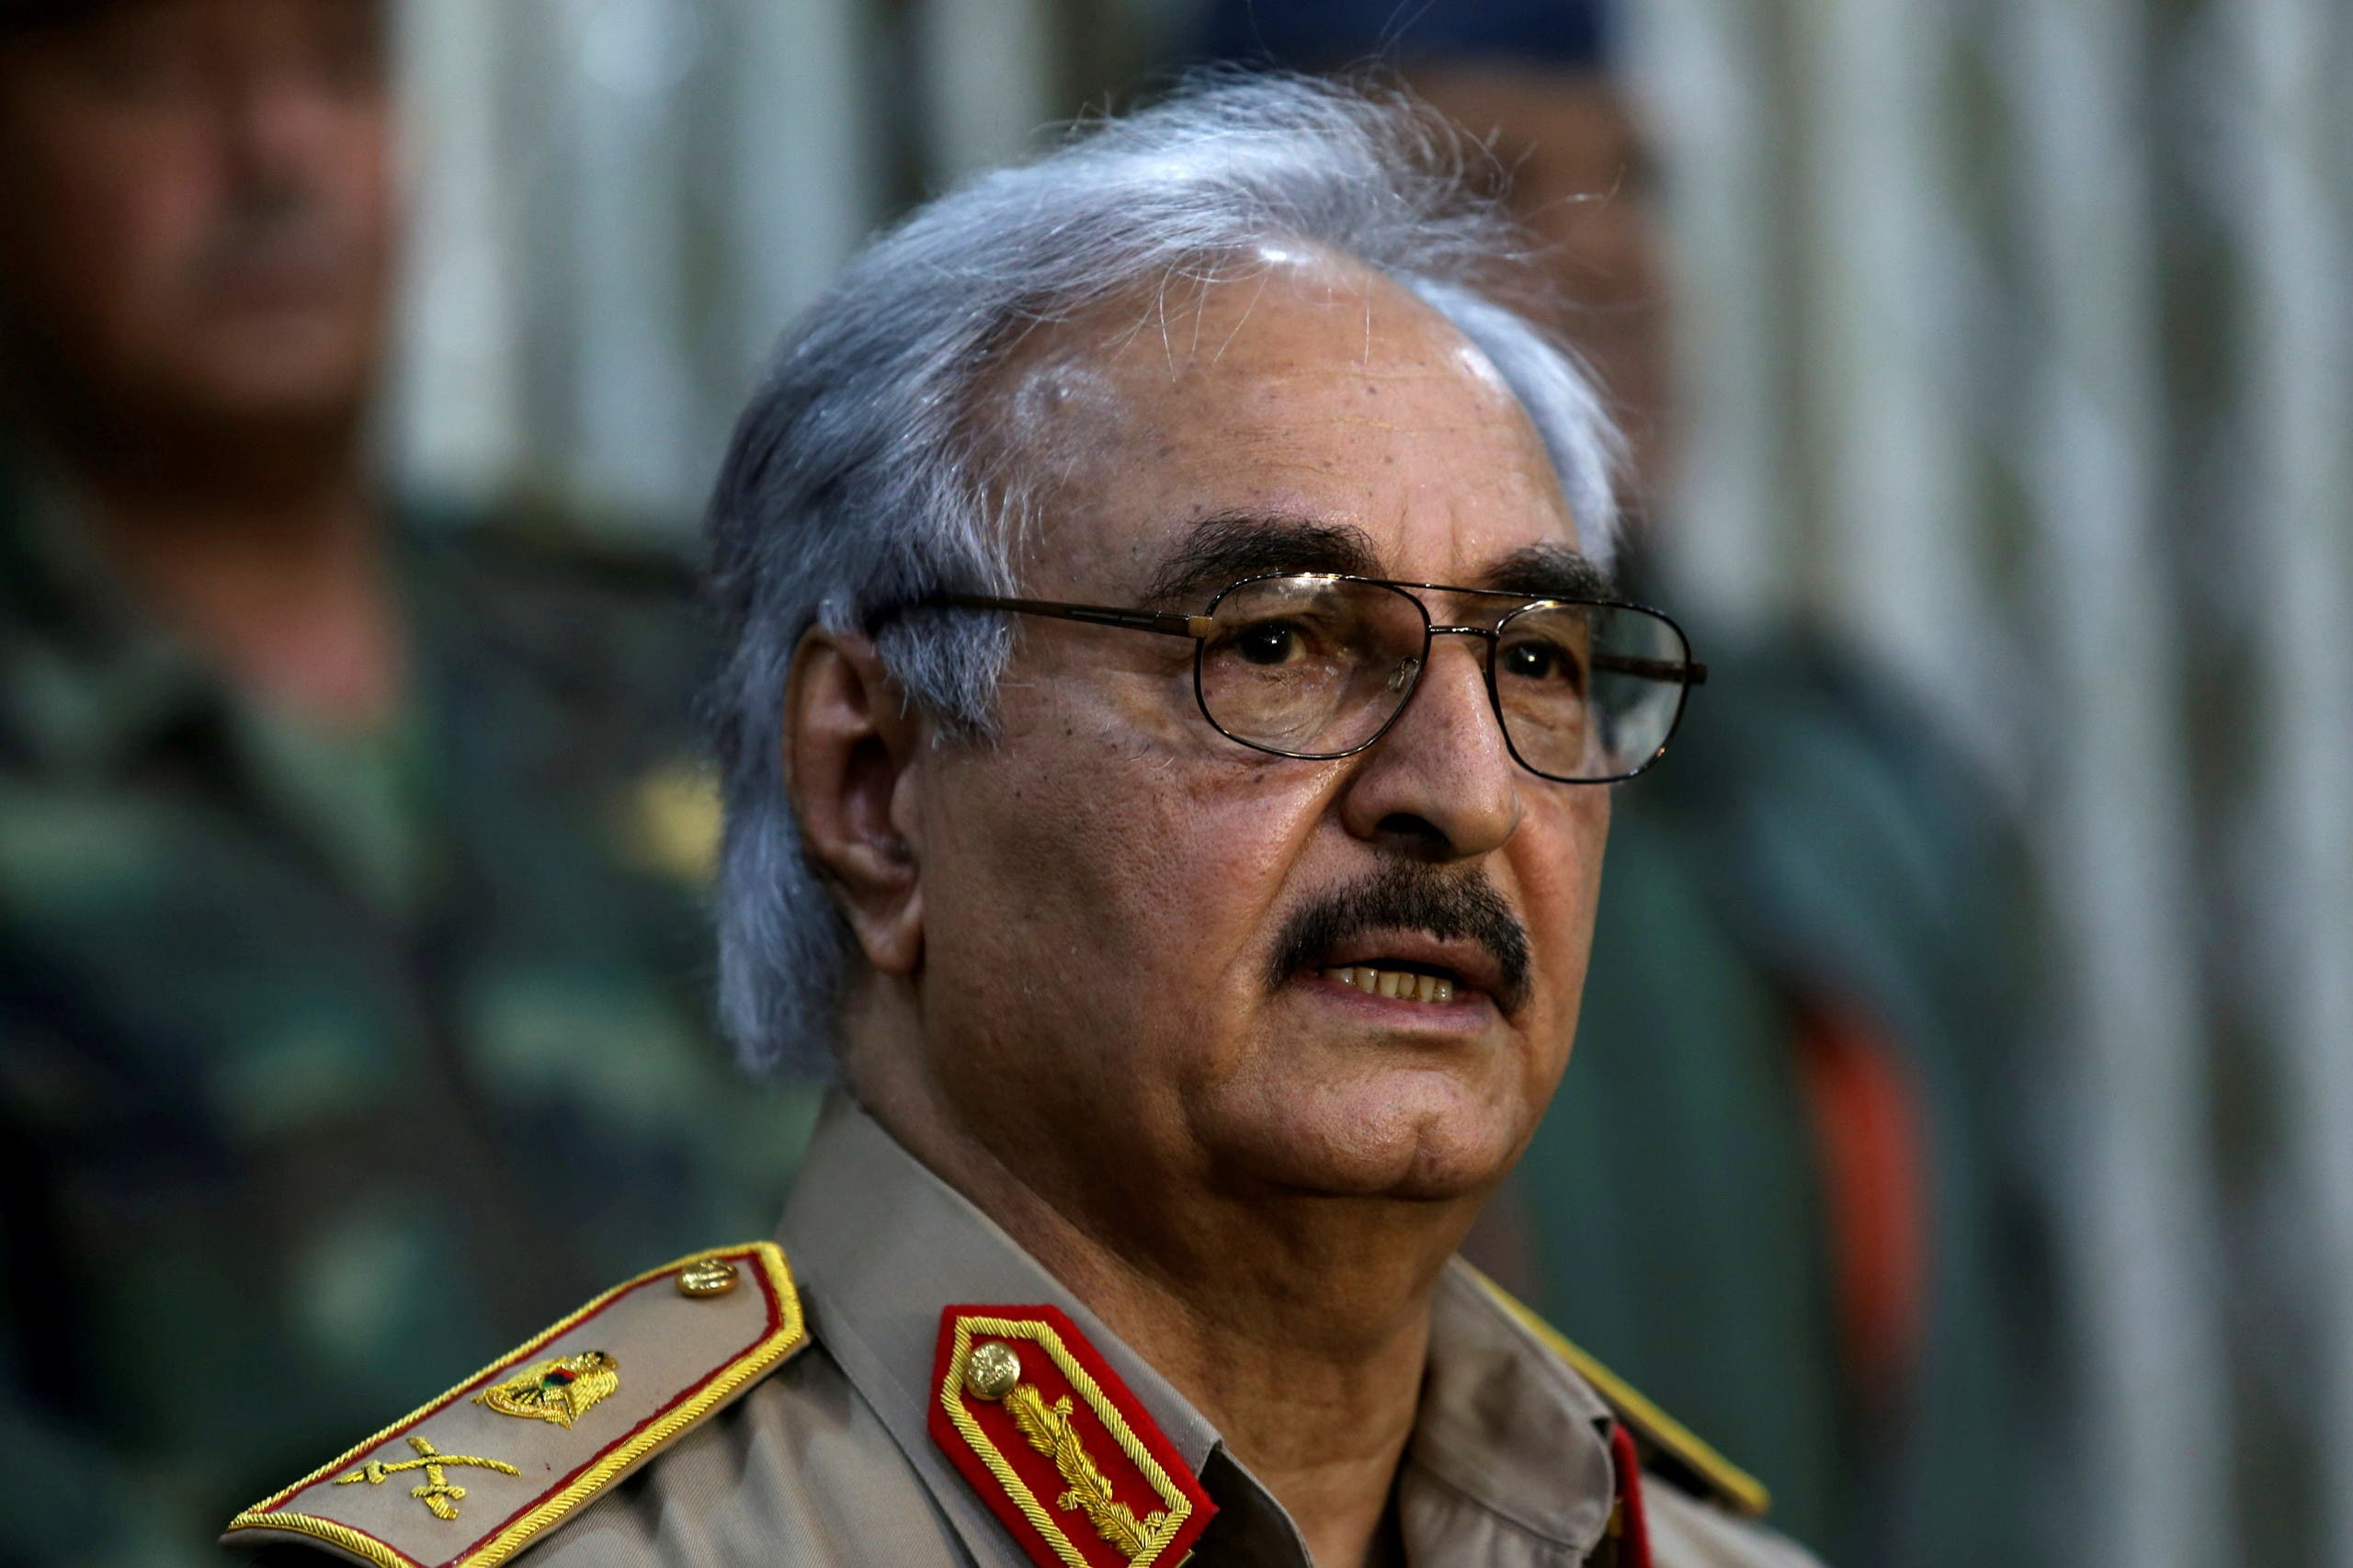 قائد الجيش الليبي خليفة حفتر (أرشيفية من رويترز)